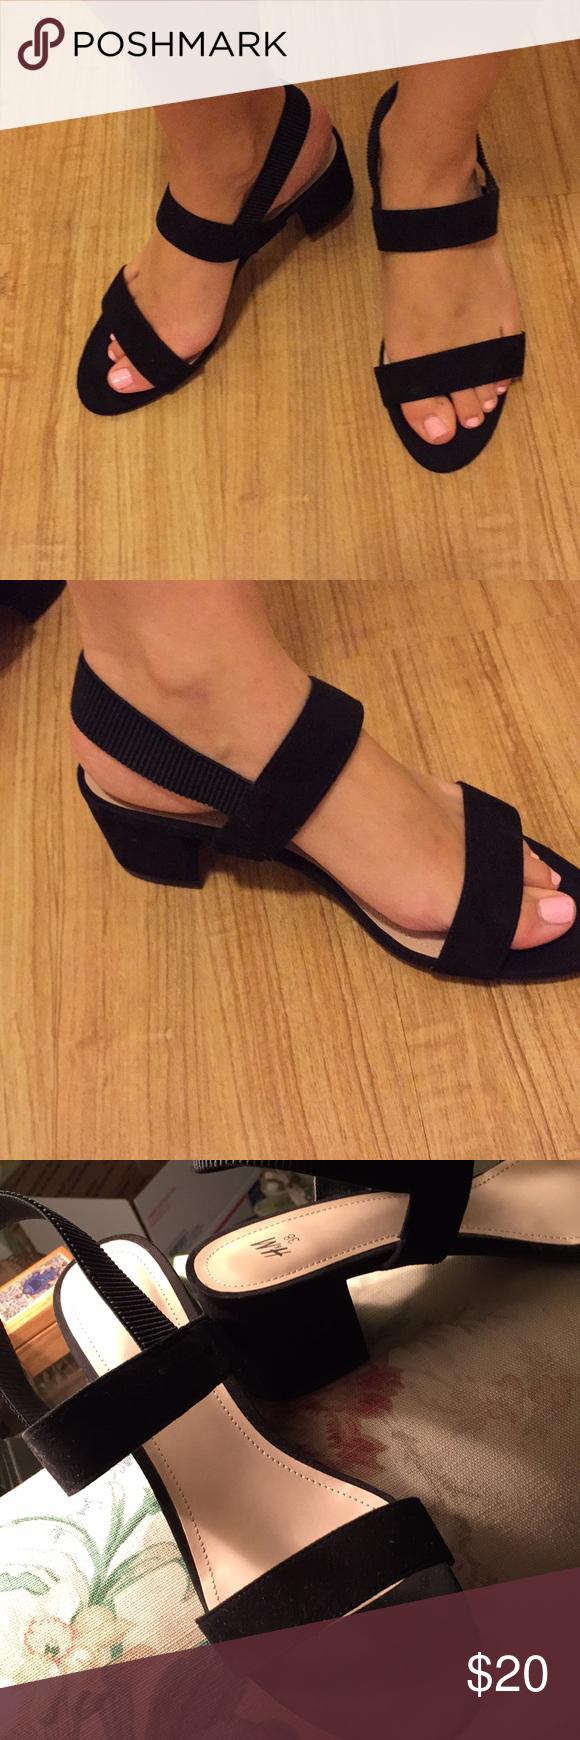 H M Black Suede Block Heeled Sandals H M Black Suede Block Heeled Sandals Only Worn Once Just A Bit To Suede Block Heels Block Heels Sandal Sandals Heels